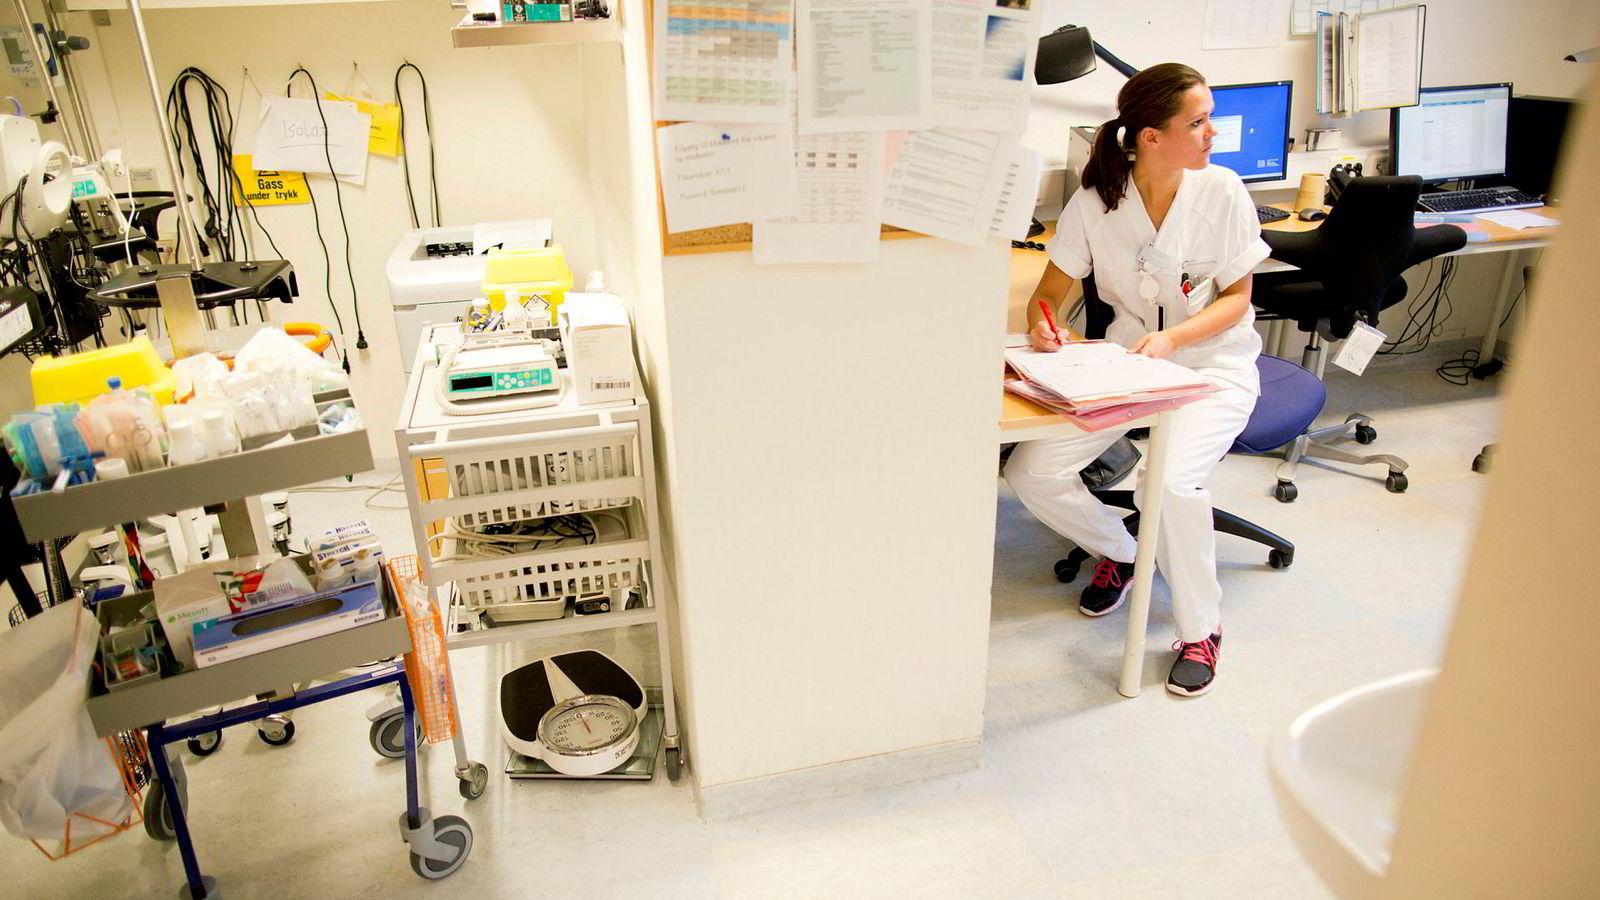 I et intervju uttalte noen sykepleiestudenter at de helst ville jobbe på sykehus fordi det er mer spennende. Så fulgte et annet intervju med en representant fra Norsk Sykepleierforbund, som i stedet raskt hevdet at det er lønnen som er for dårlig.